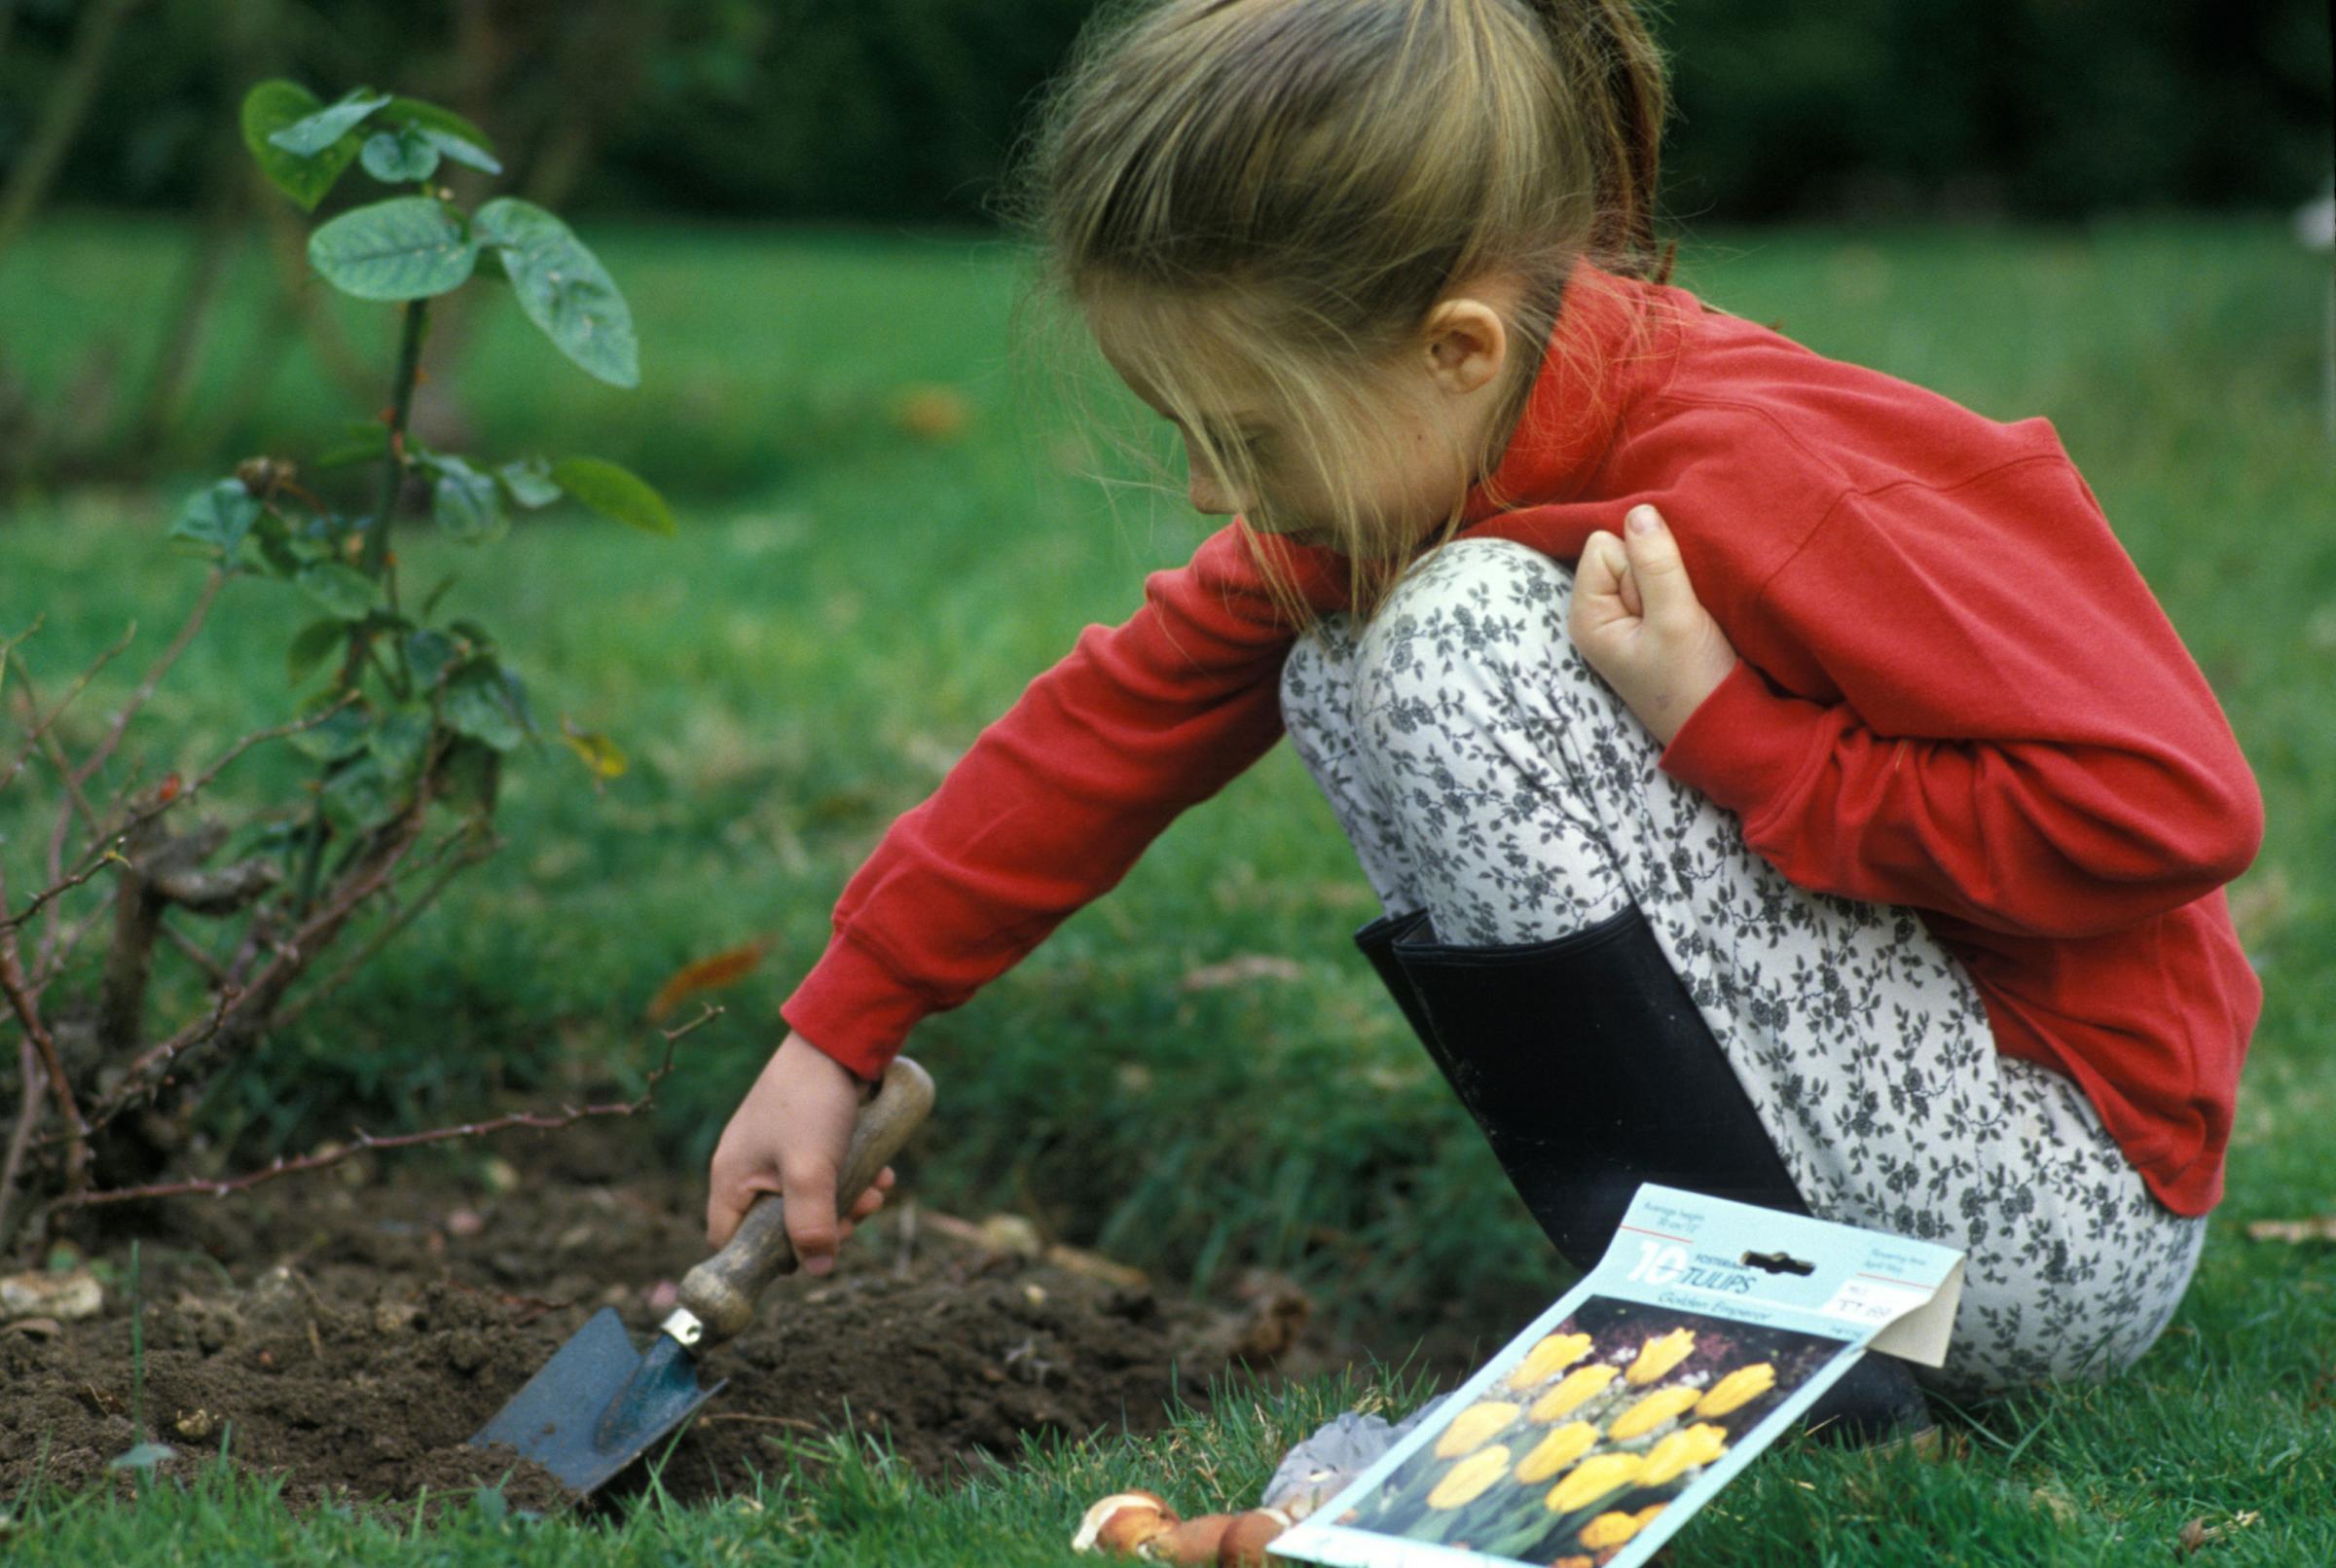 Berkebun: Lima kegiatan menyenangkan untuk mengajak anak-anak Anda keluar rumah dan berkebun di musim gugur ini